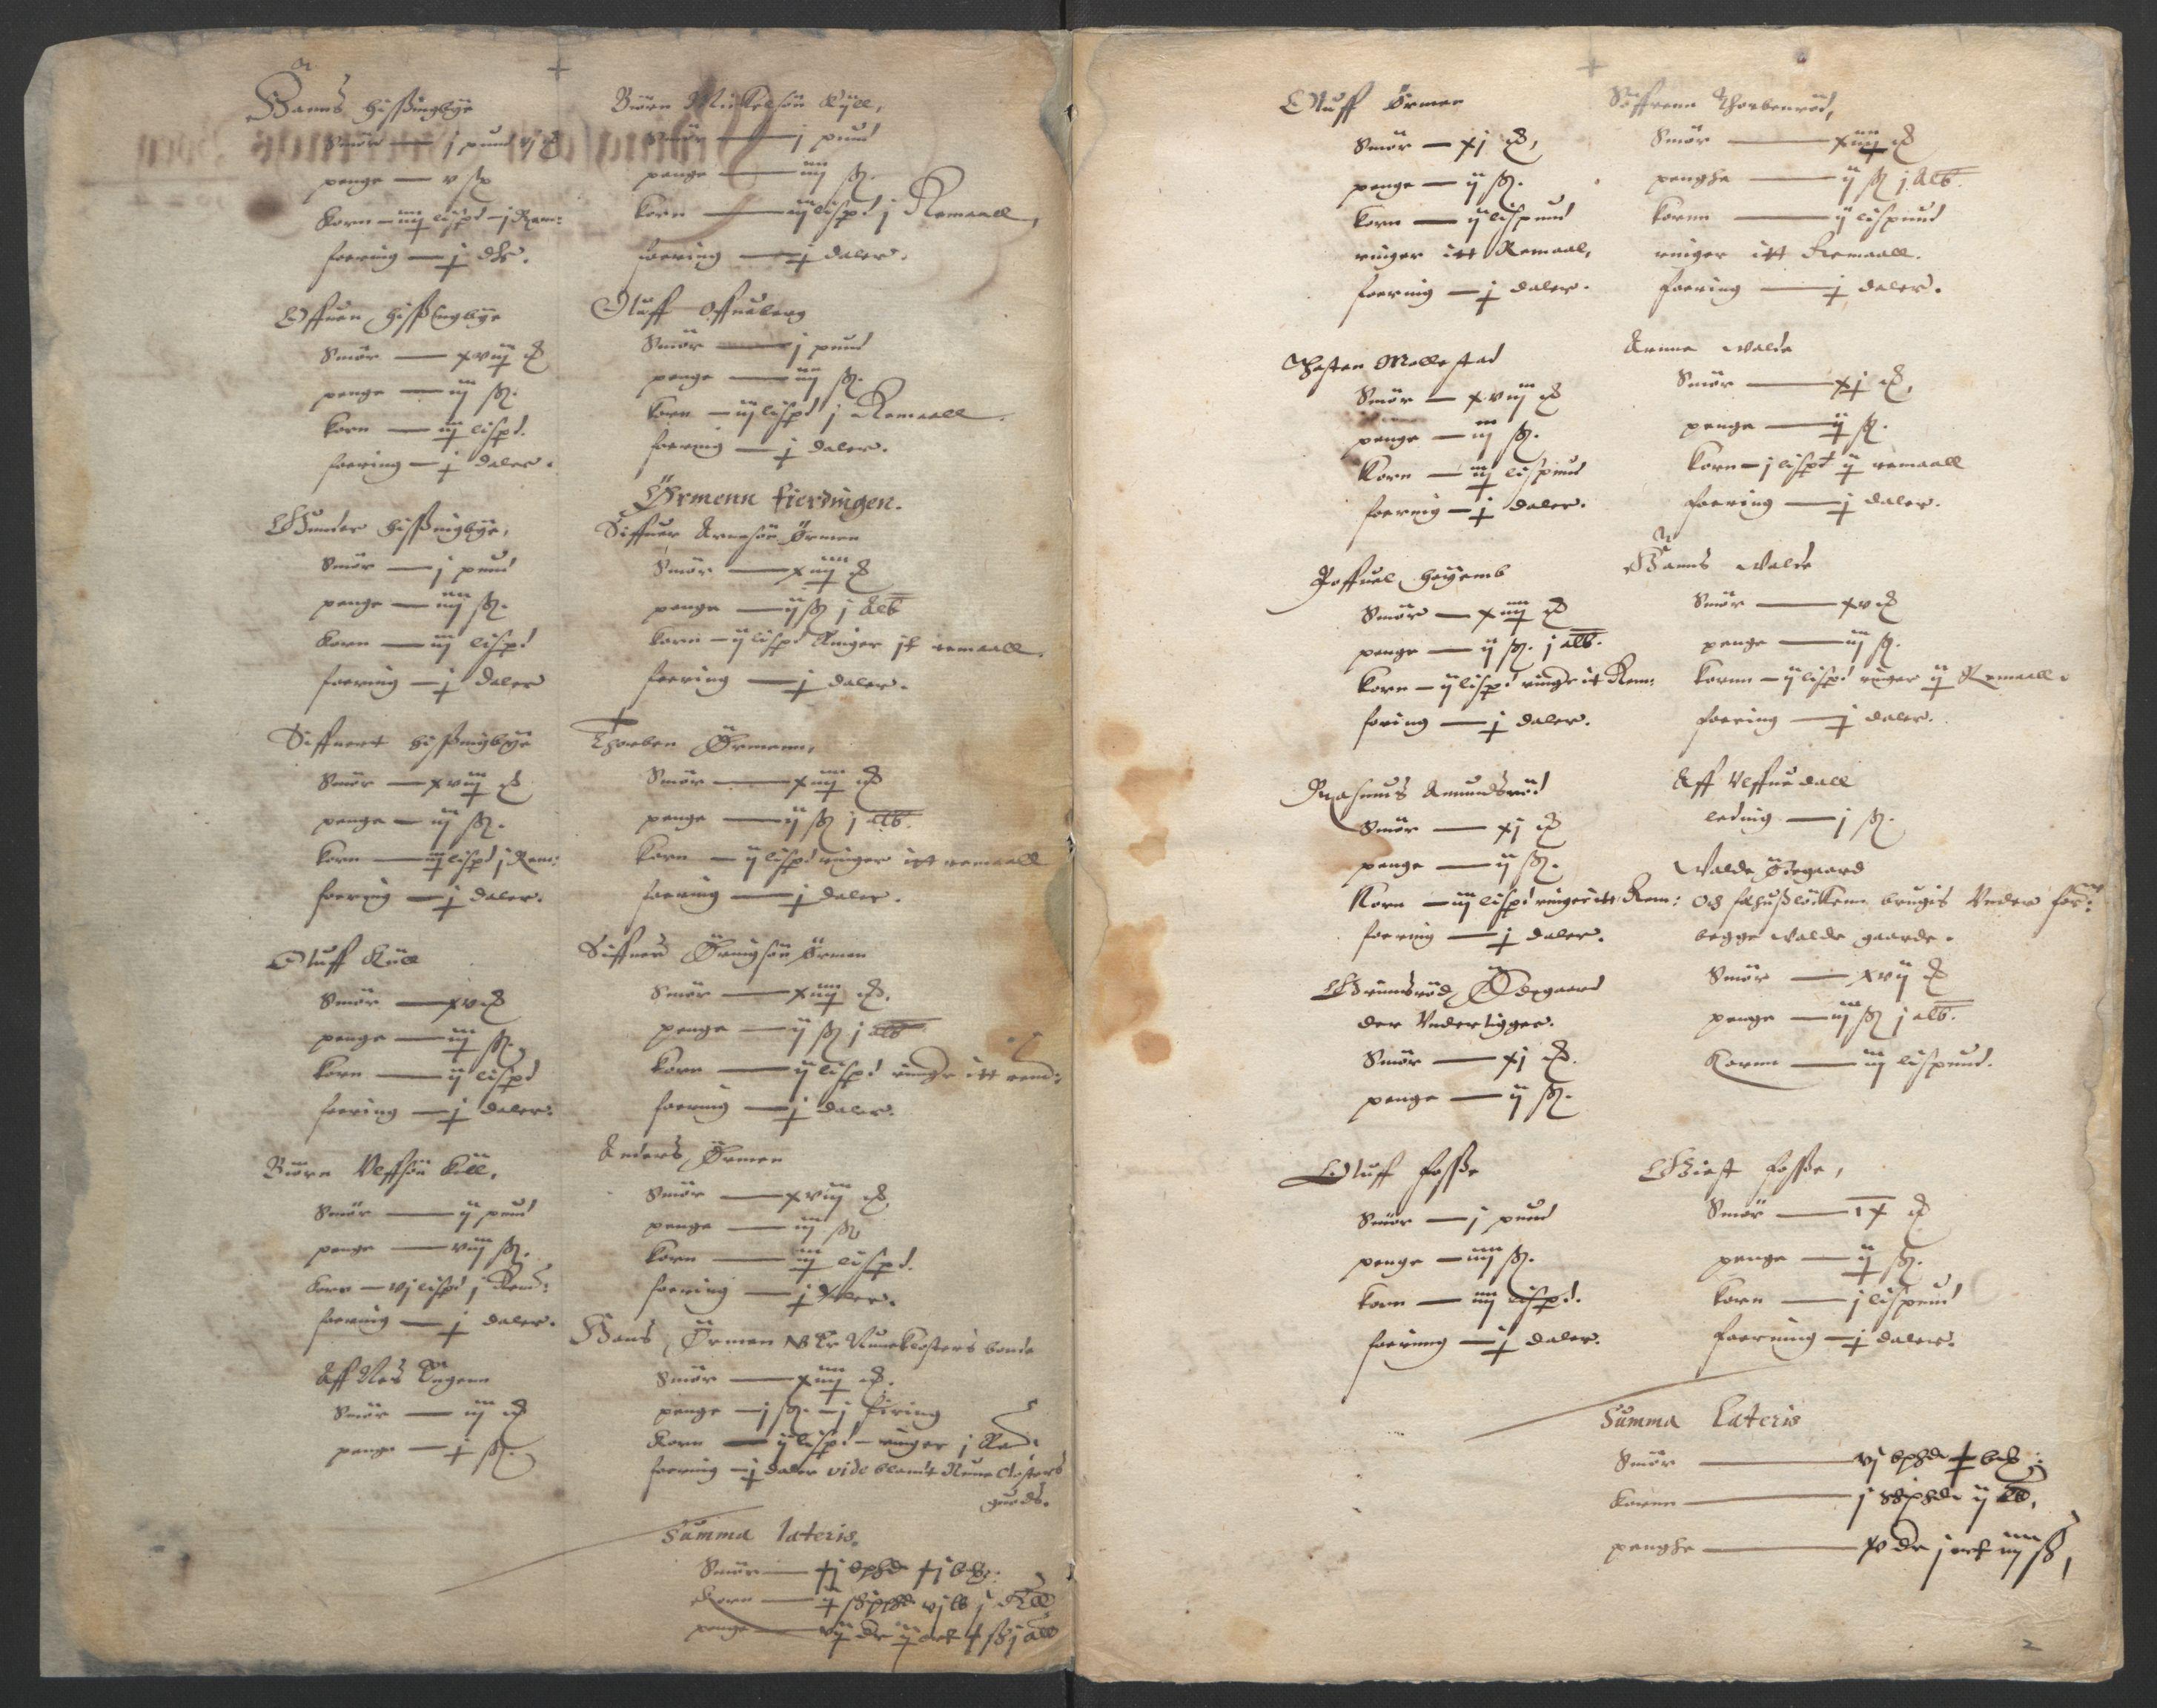 RA, Stattholderembetet 1572-1771, Ek/L0002: Jordebøker til utlikning av garnisonsskatt 1624-1626:, 1624-1626, s. 98